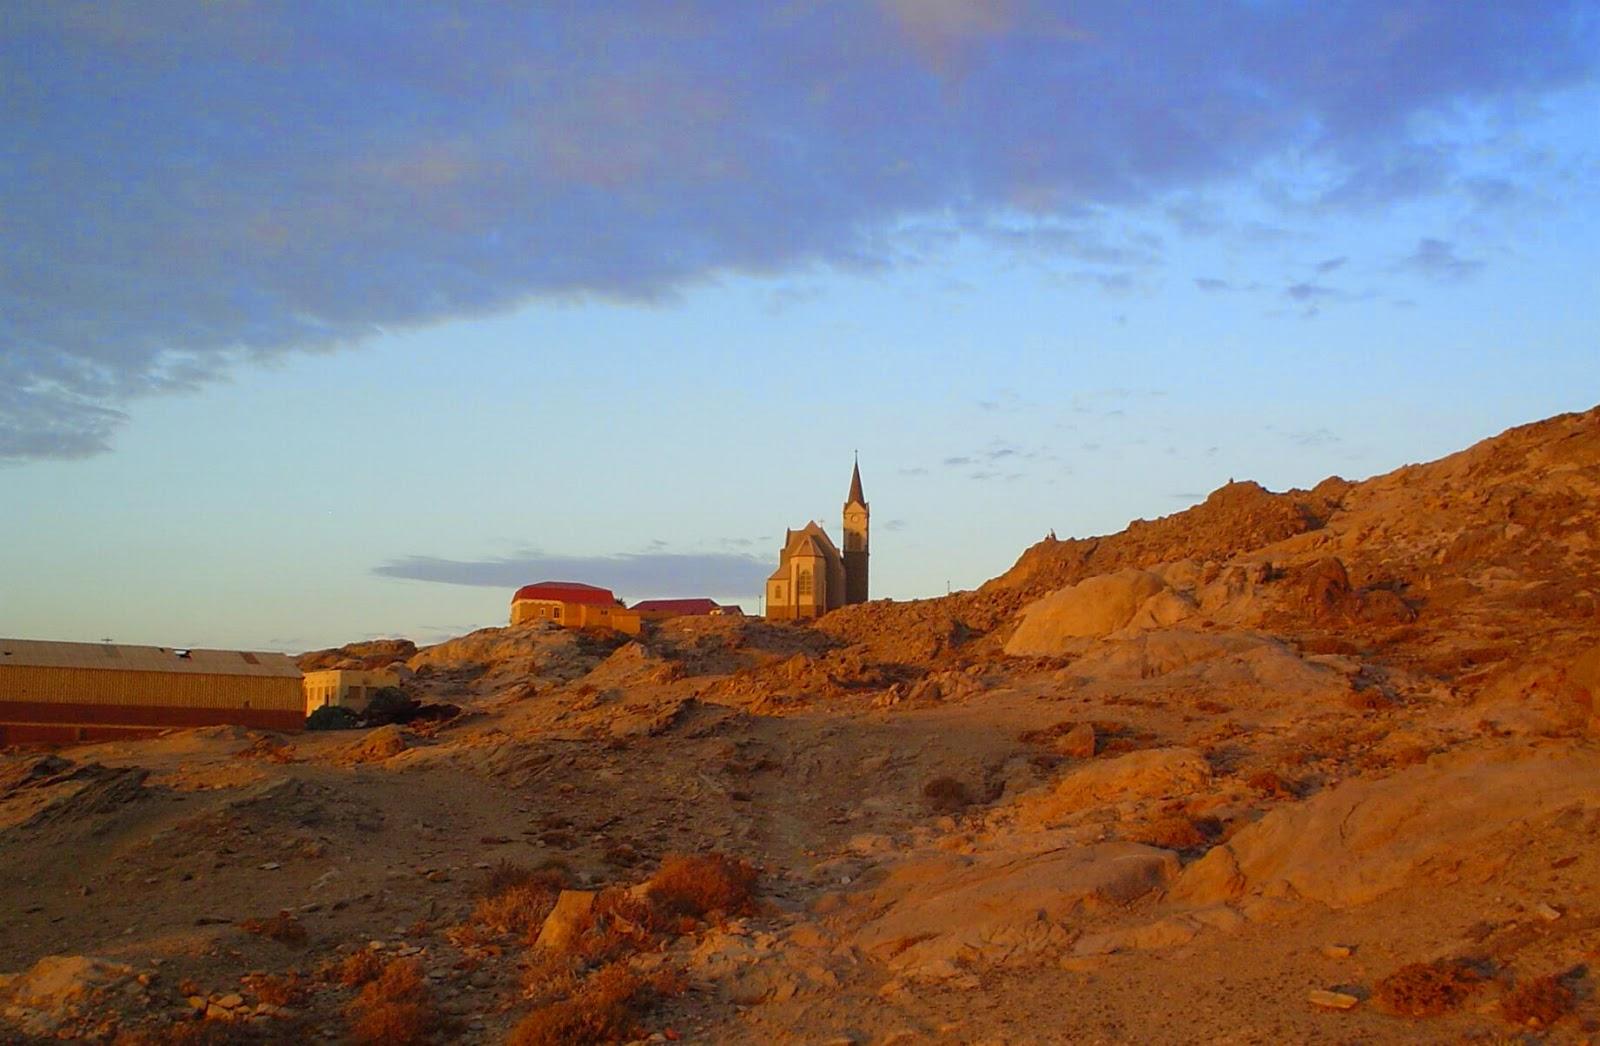 Sunset in Luderitz Namibia - www.namibweb.com